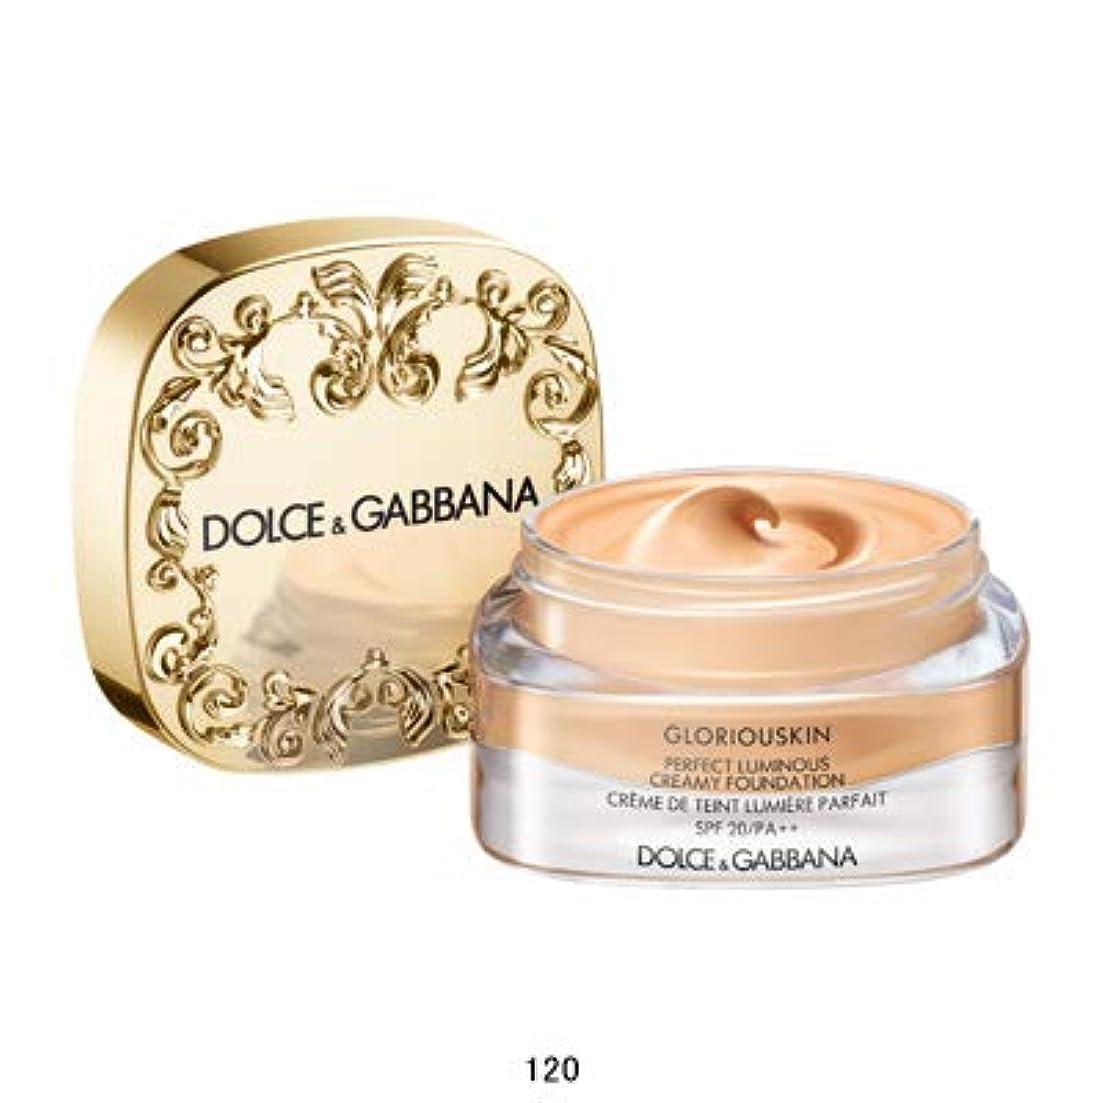 ペニー定義弾薬【Dolce & Gabbana(ドルチェ&ガッバーナ)】グロリアスキン パーフェクトルミナス クリーミーファンデーション_30mL/SPF20?PA++/ファンデーション (120)